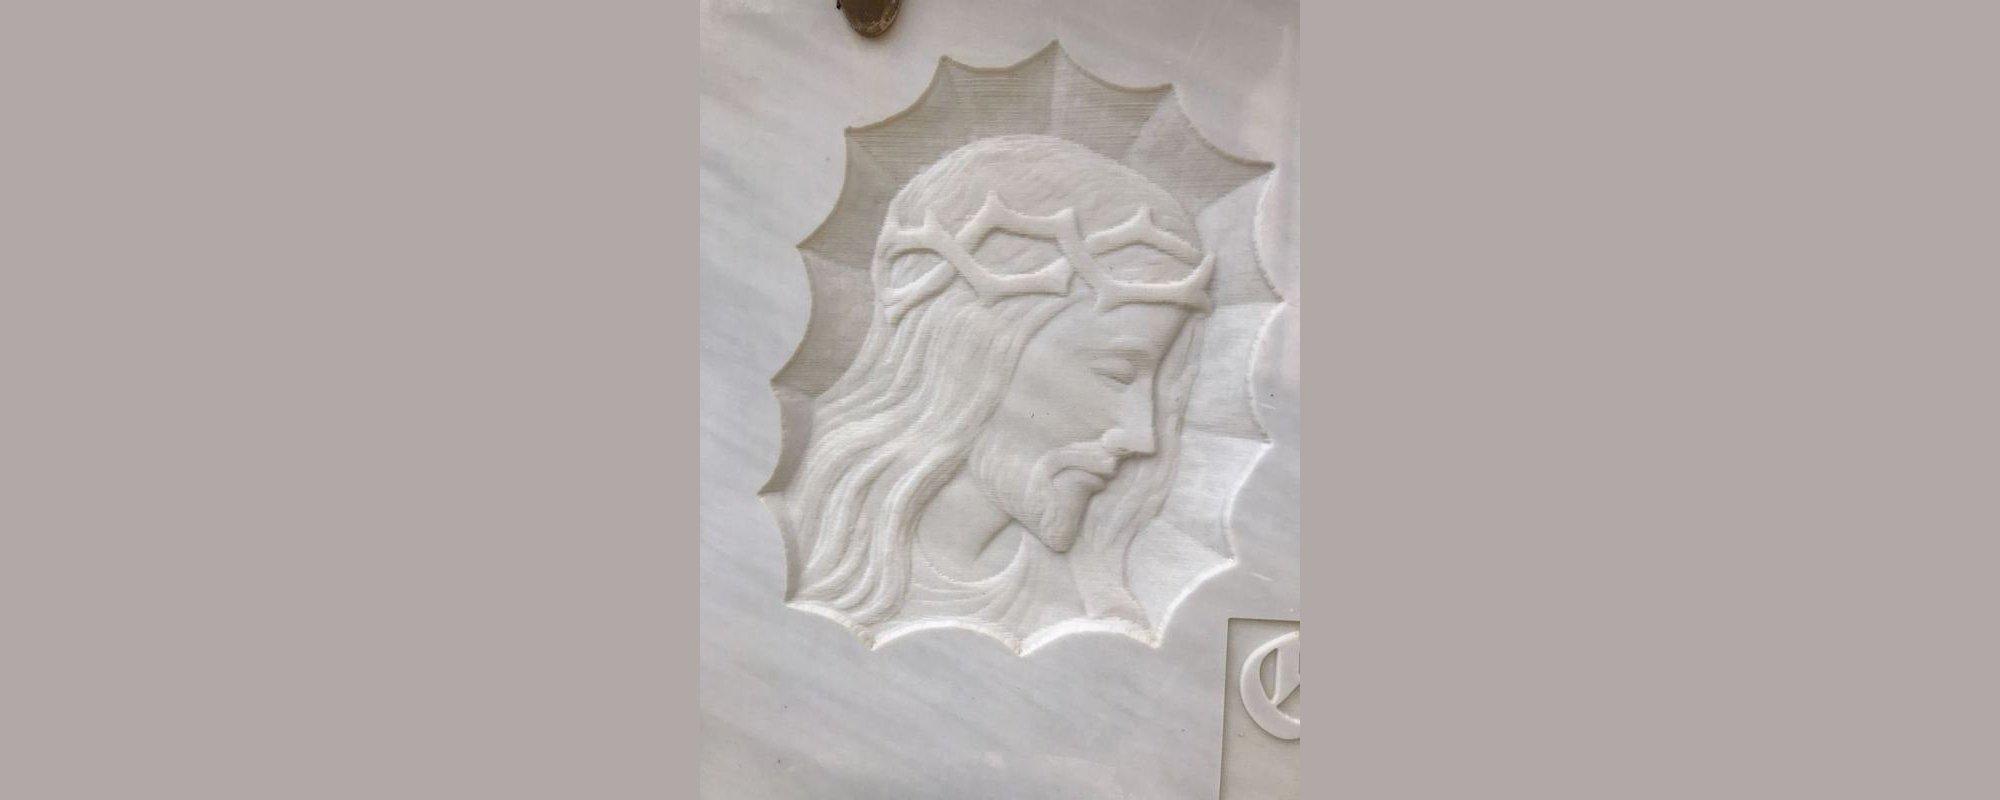 rappresentazione di gesu cristo in marmo